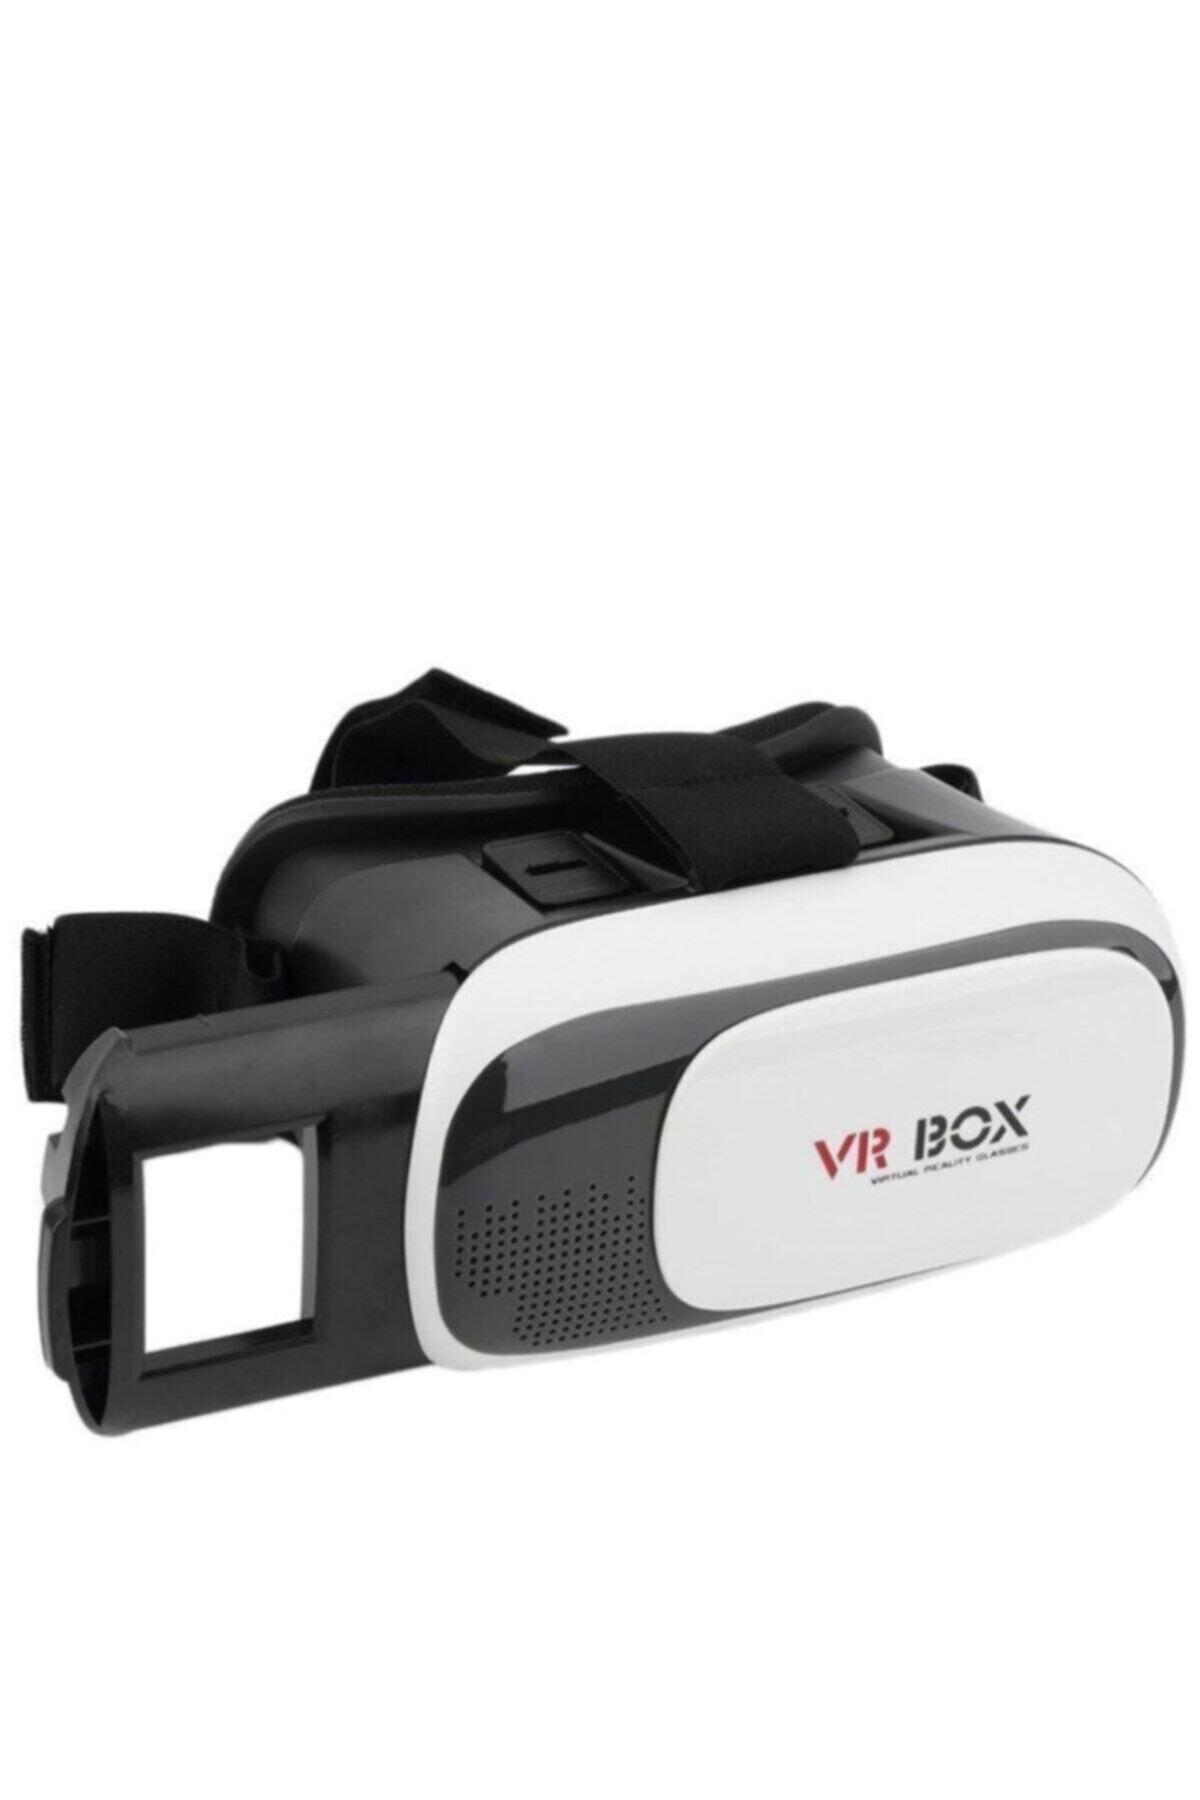 VR BOX Sanal Gerçeklik Gözlüğü 3.0 3d 1